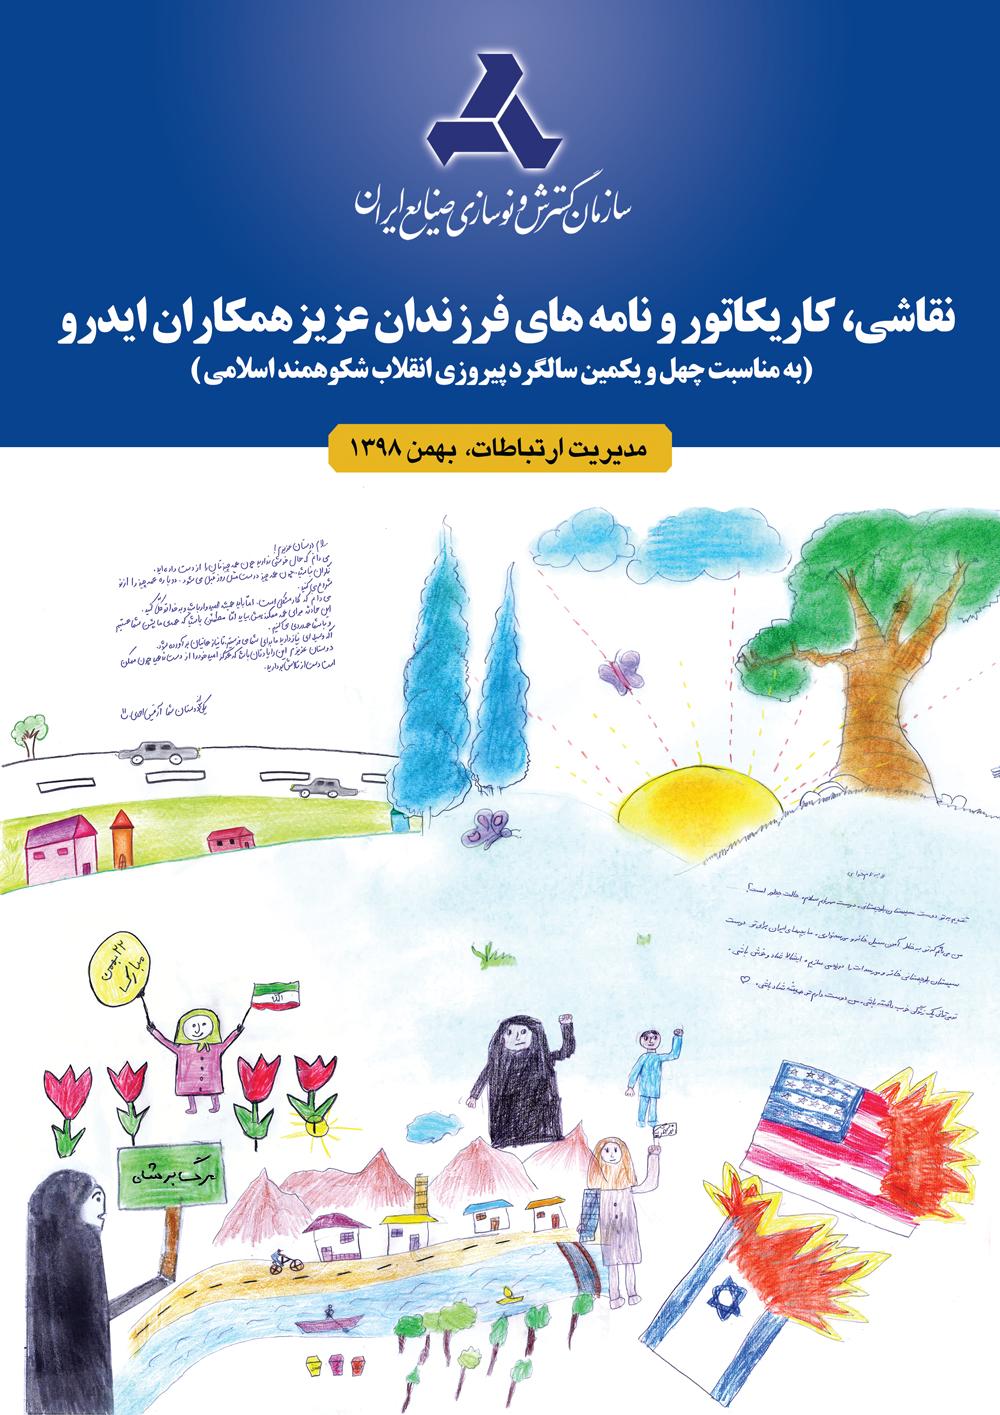 تجلیل از برگزیدگان مسابقات فرهنگی دهه فجر ایدرو